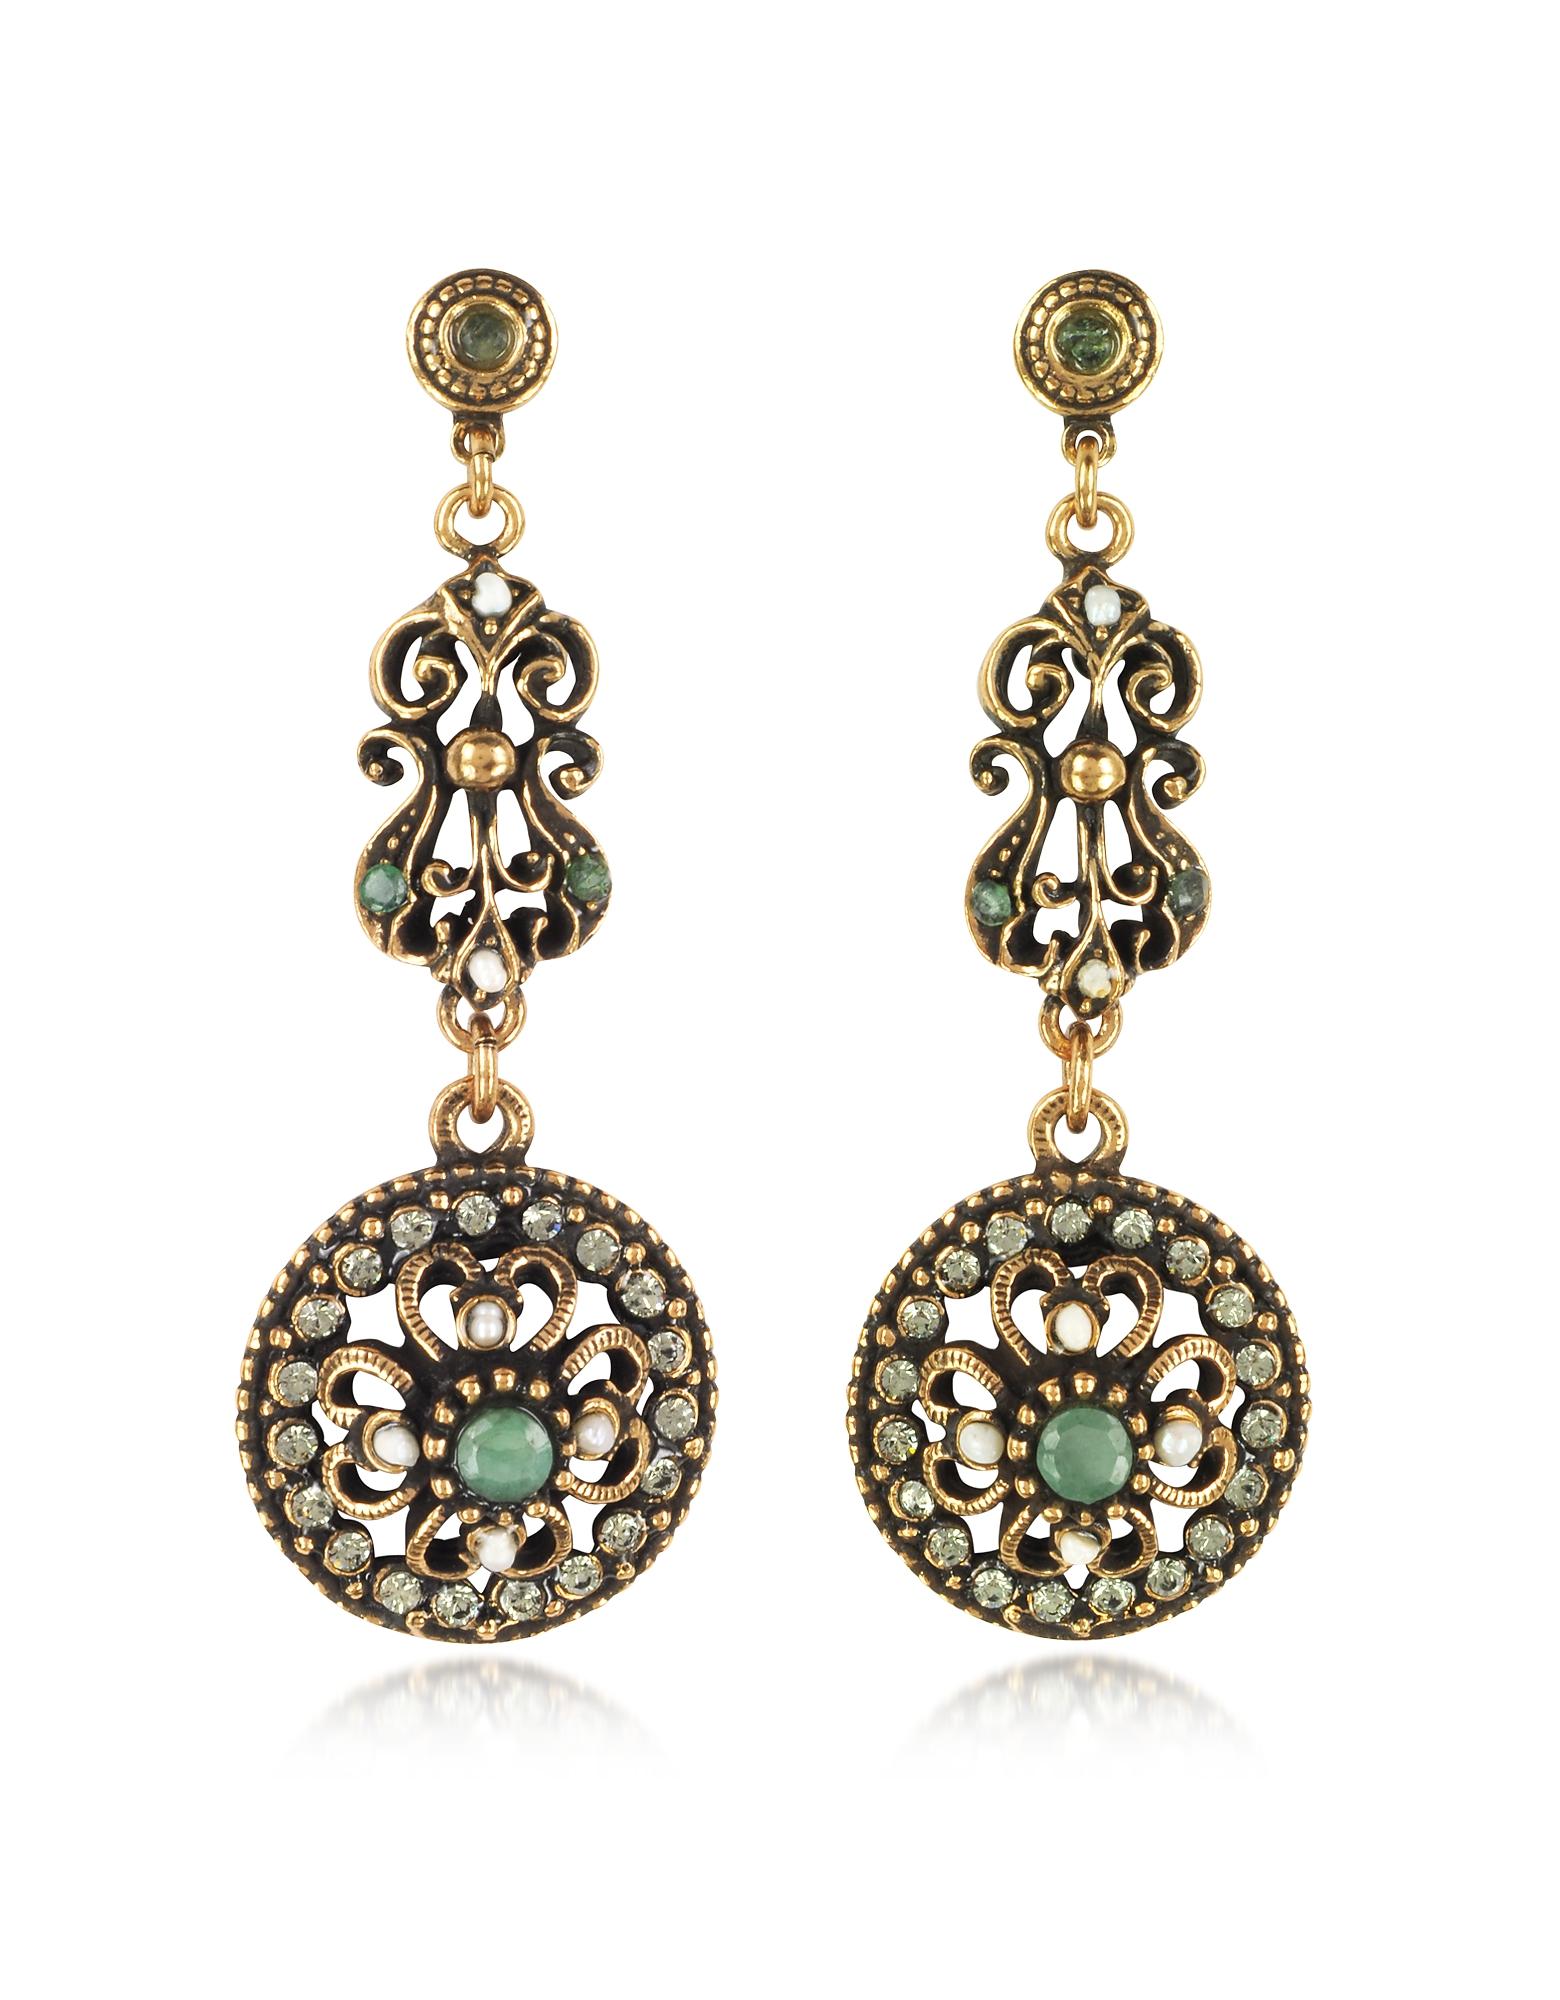 Alcozer & J Earrings, Drop Earrings w/Rough Emeralds